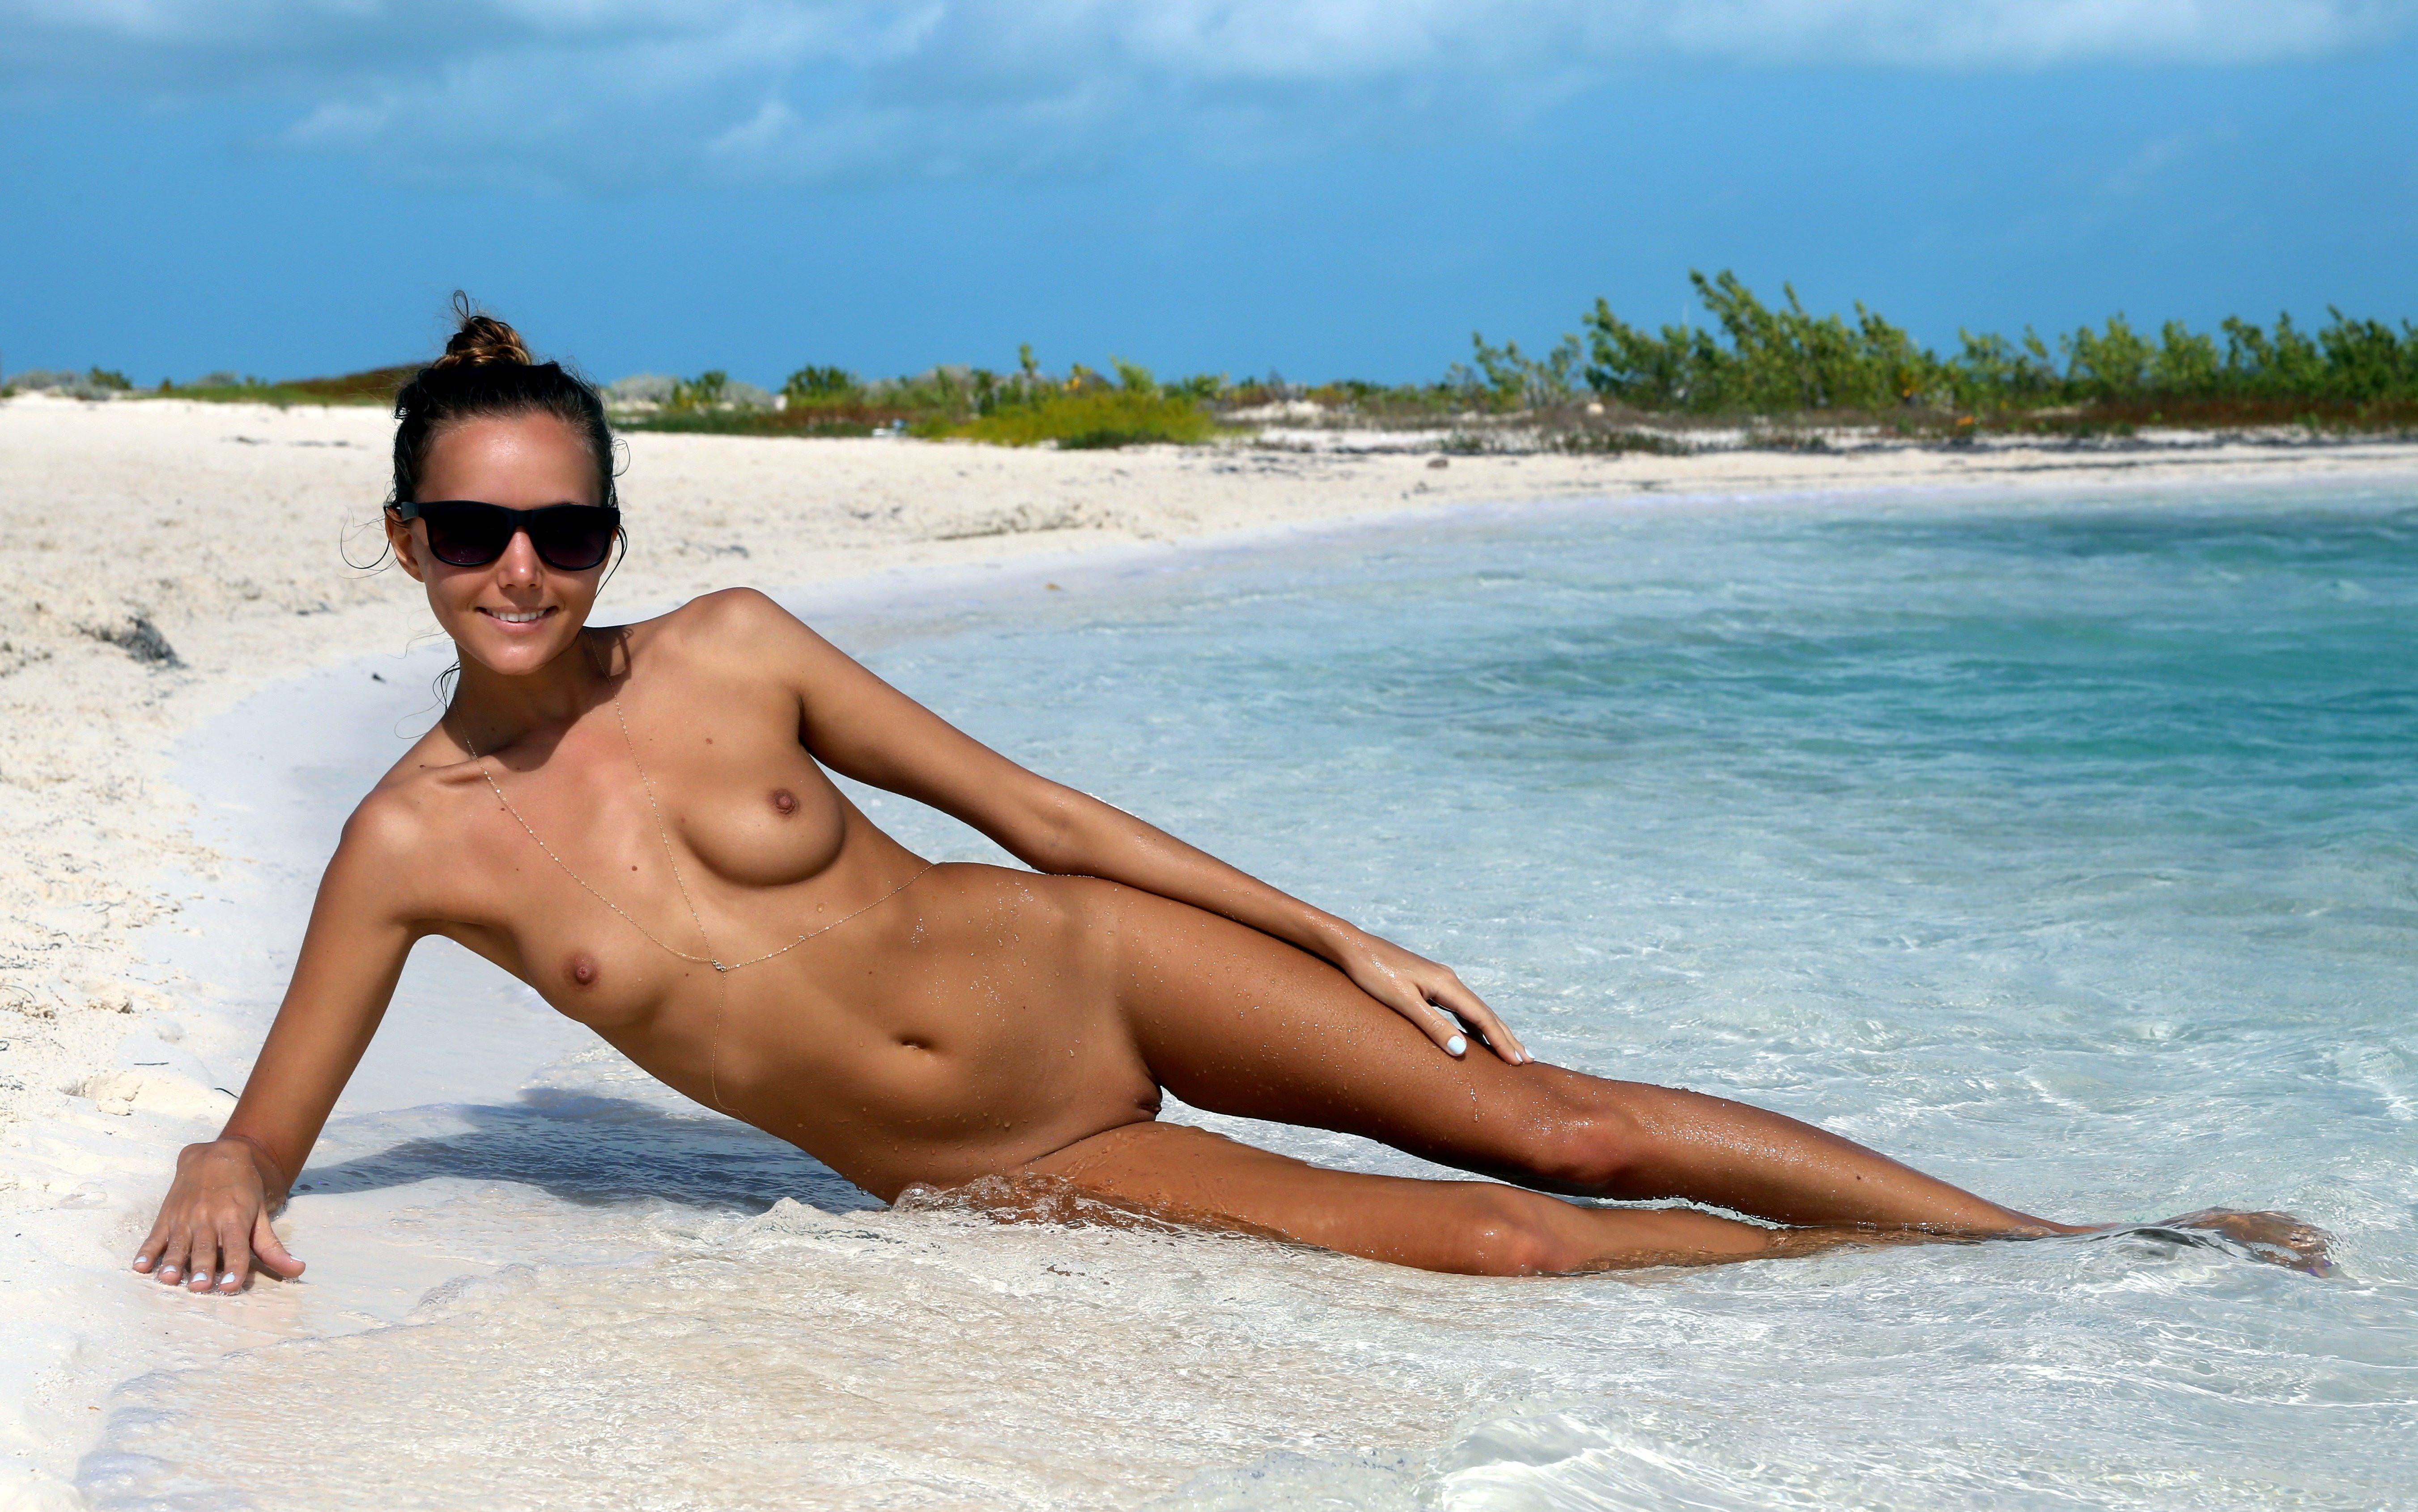 Фото Голая жизнерадостная девушка позирует голая на берегу моря в темных очках, загорелое сексуальное тело, ножки в воде, скачать картинку бесплатно